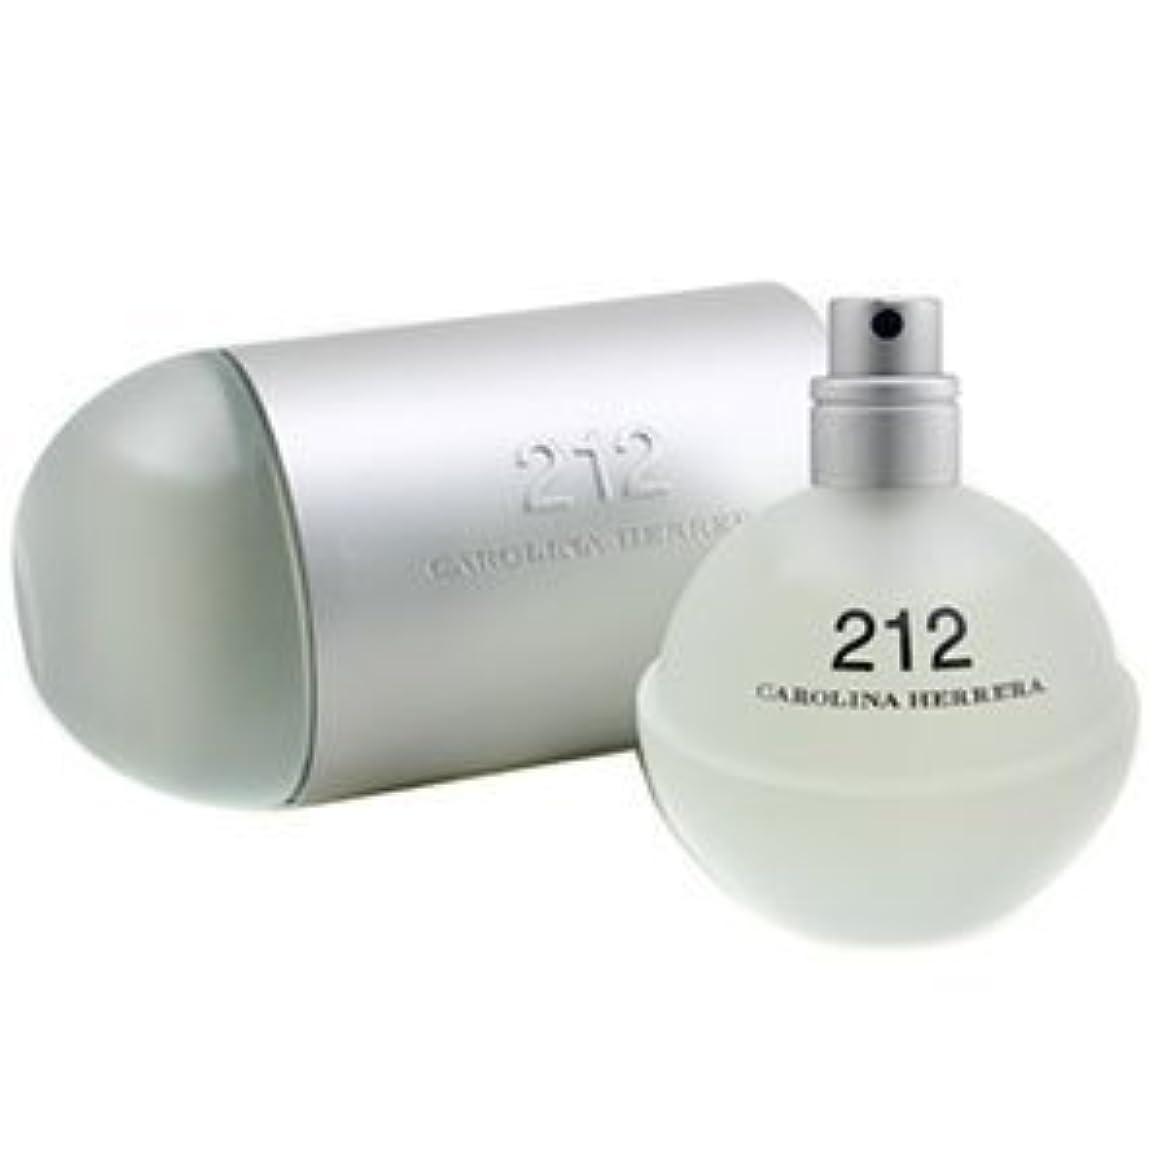 選出する徹底的に悪いキャロライナ ヘレラ 香水 212 EDT SP 60ml ( 30ml ×2) 【並行輸入品】